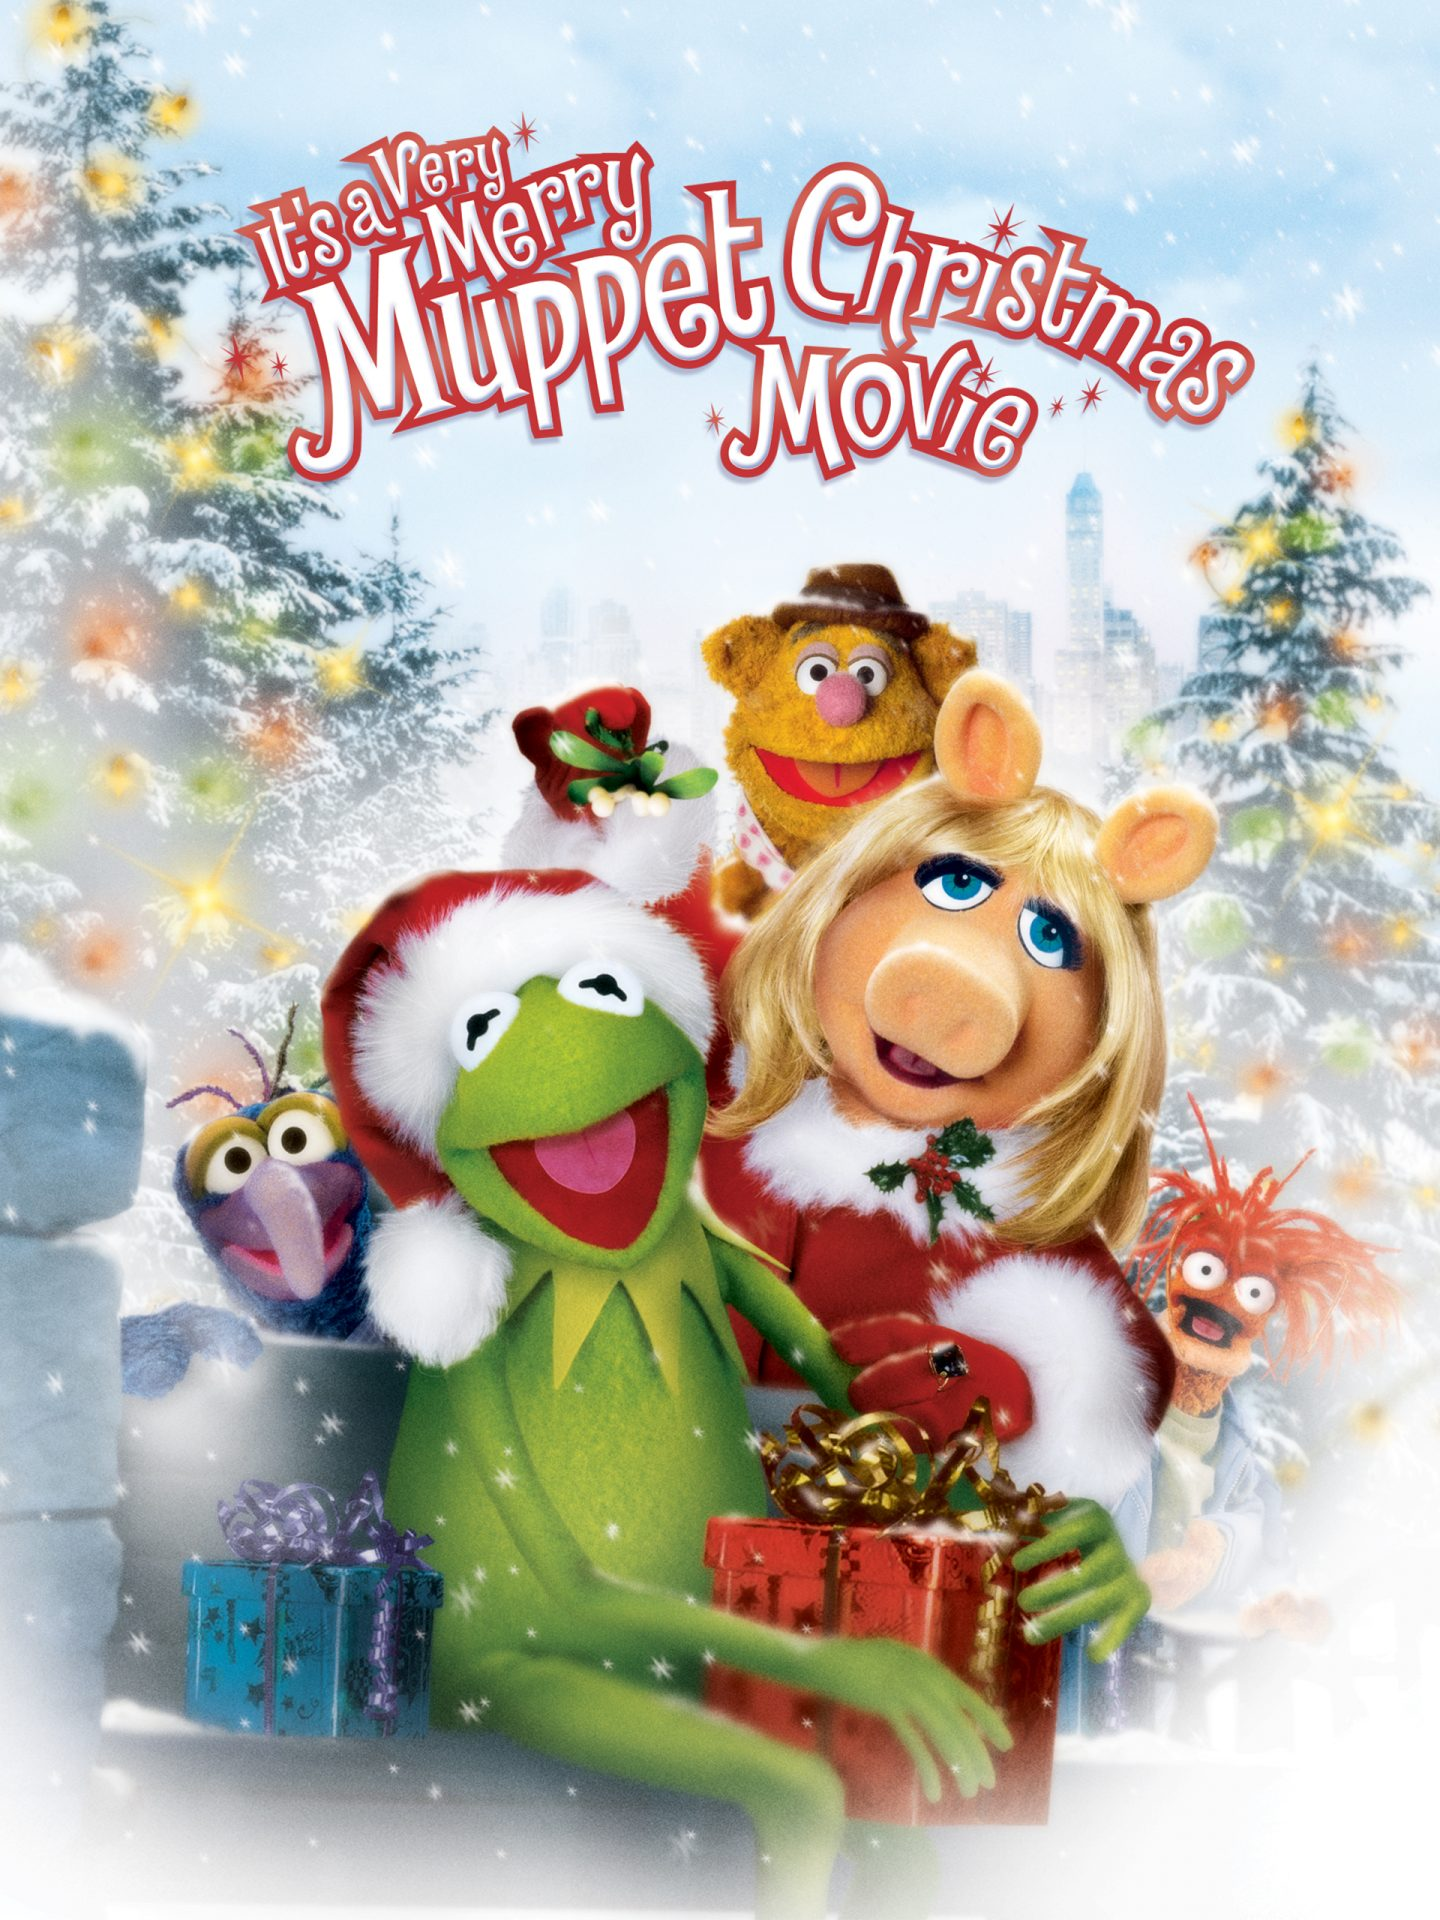 Πόστερ της ταινίας «Η Χριστουγεννιάτικη Ταινία των Μάπετ (2002)   It's a Very Merry Muppet Christmas Movie»